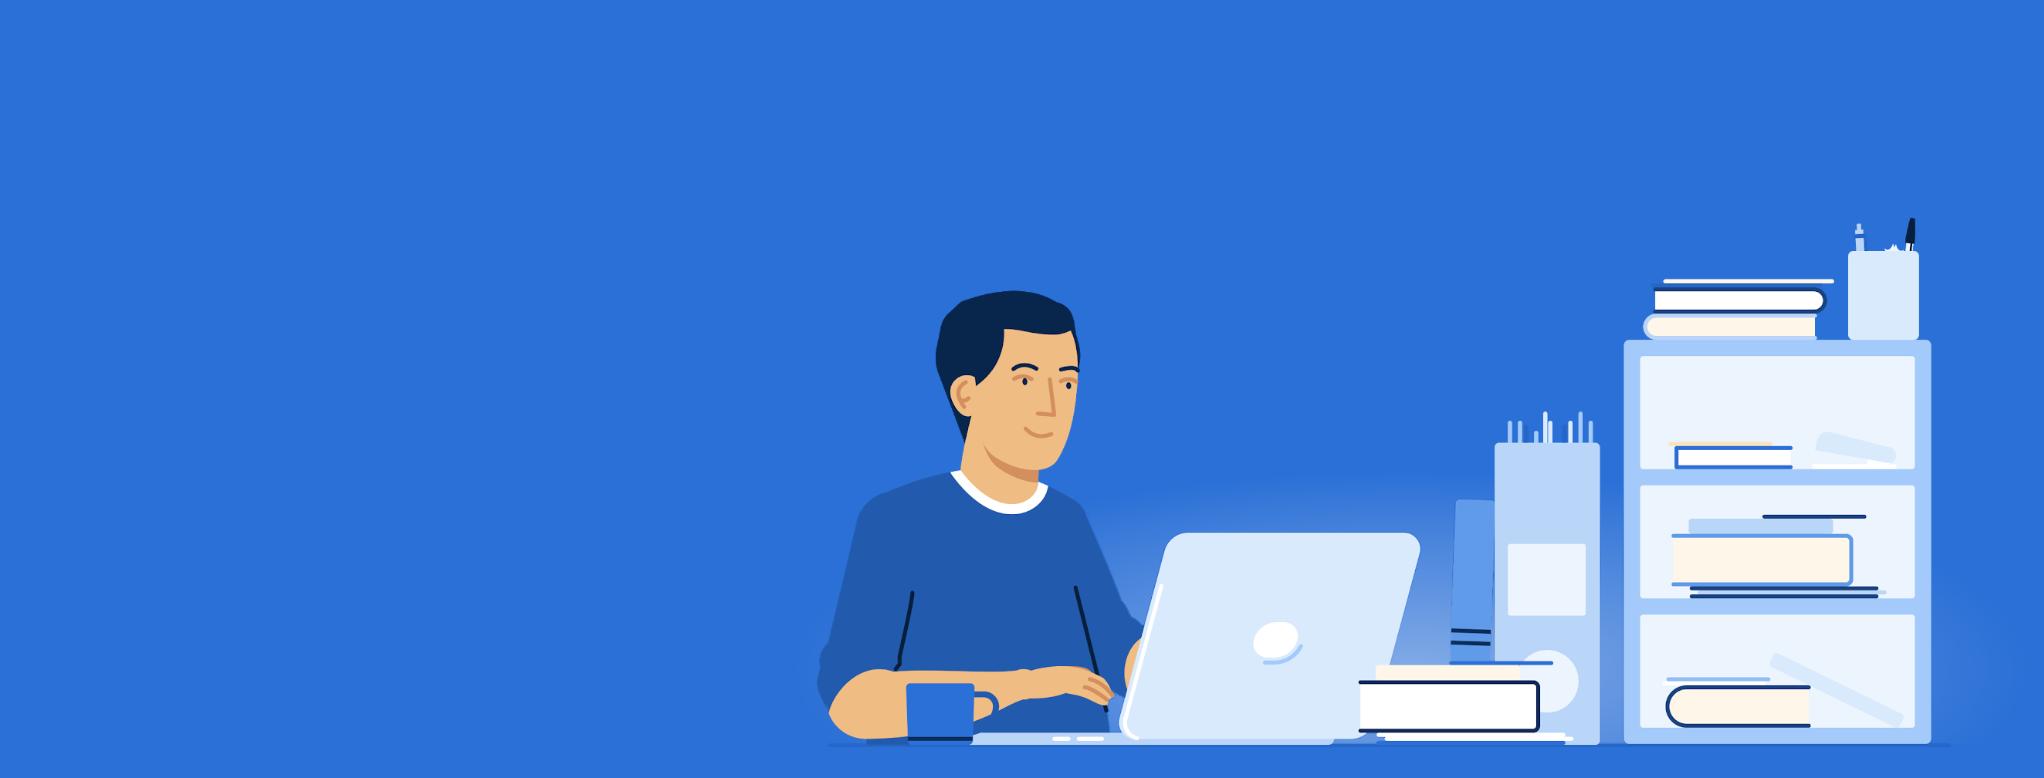 Bewertungen PayFit: Digitale Lohn- und Gehaltsabrechnung für KMUs leicht gemacht - Appvizer